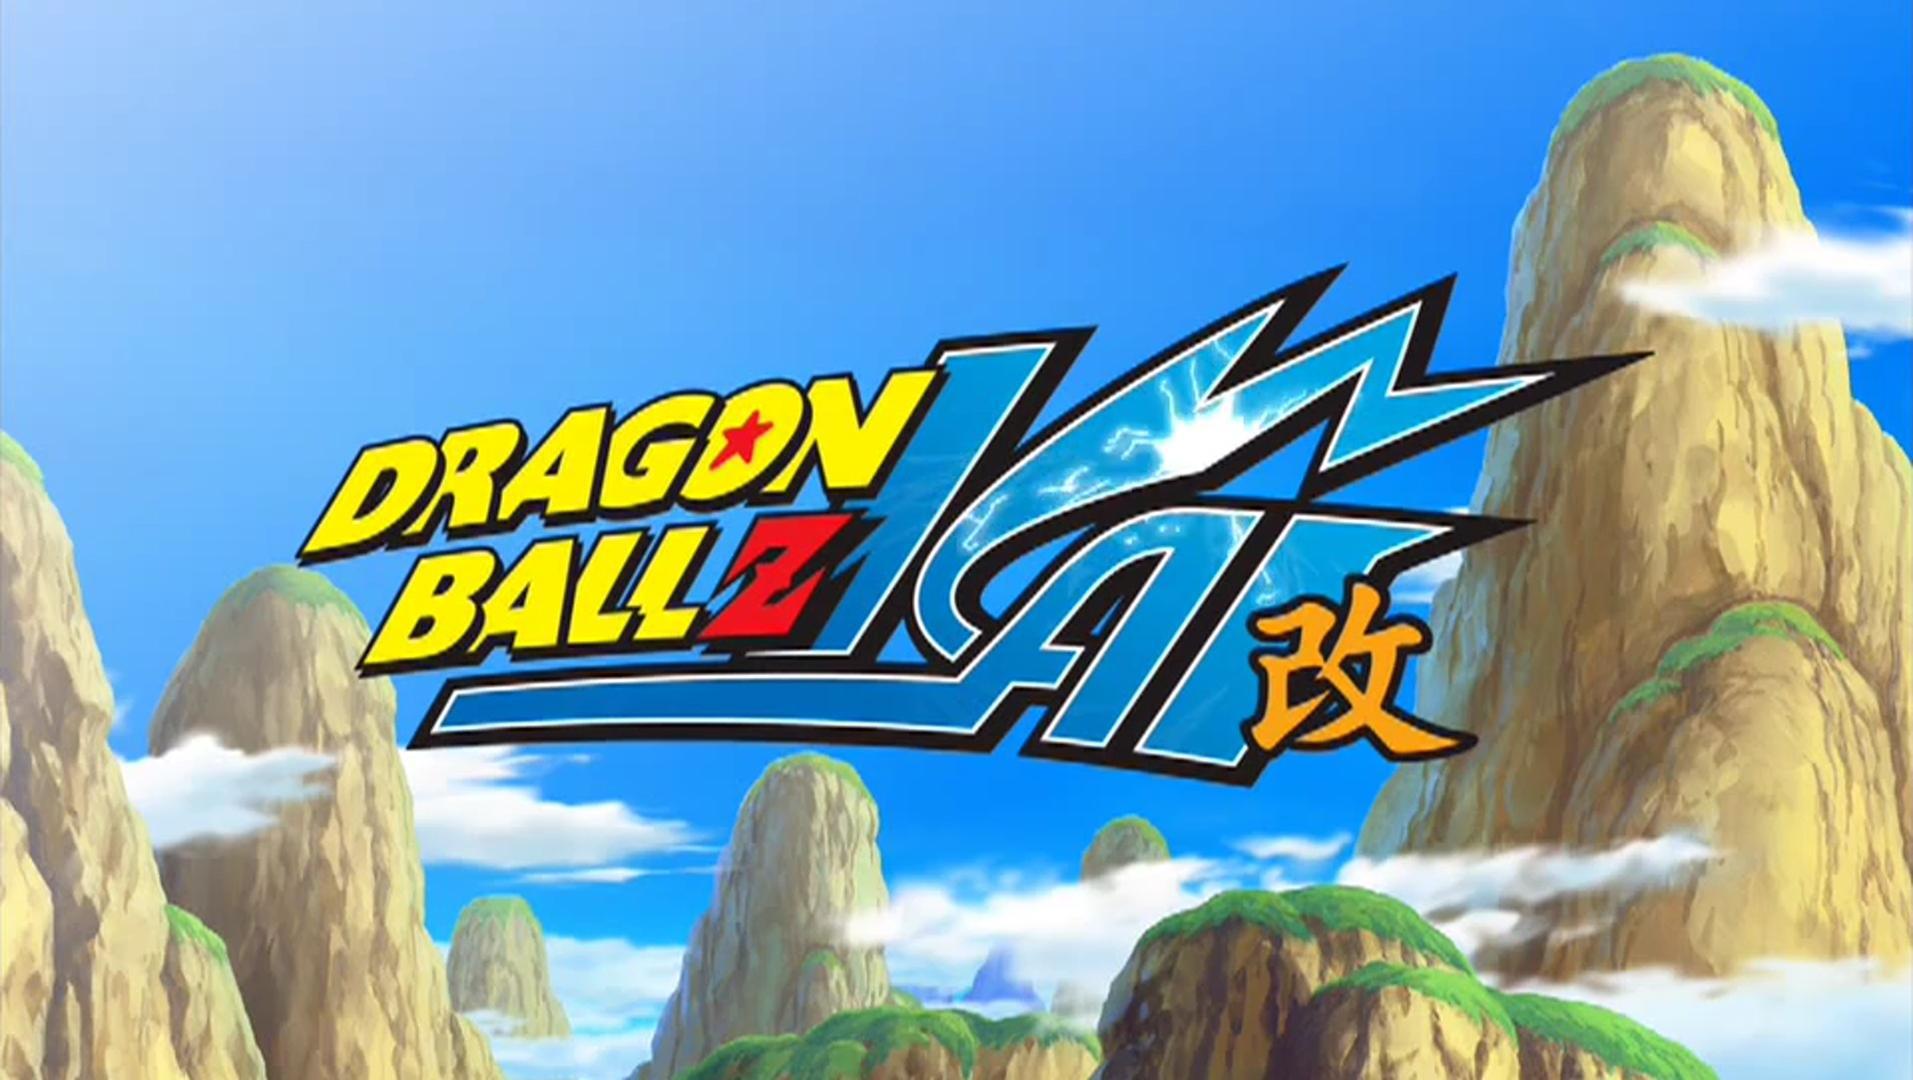 Dragon Ball Z Phone Wallpapers Wallpaper Size 1913x1080 1913x1080